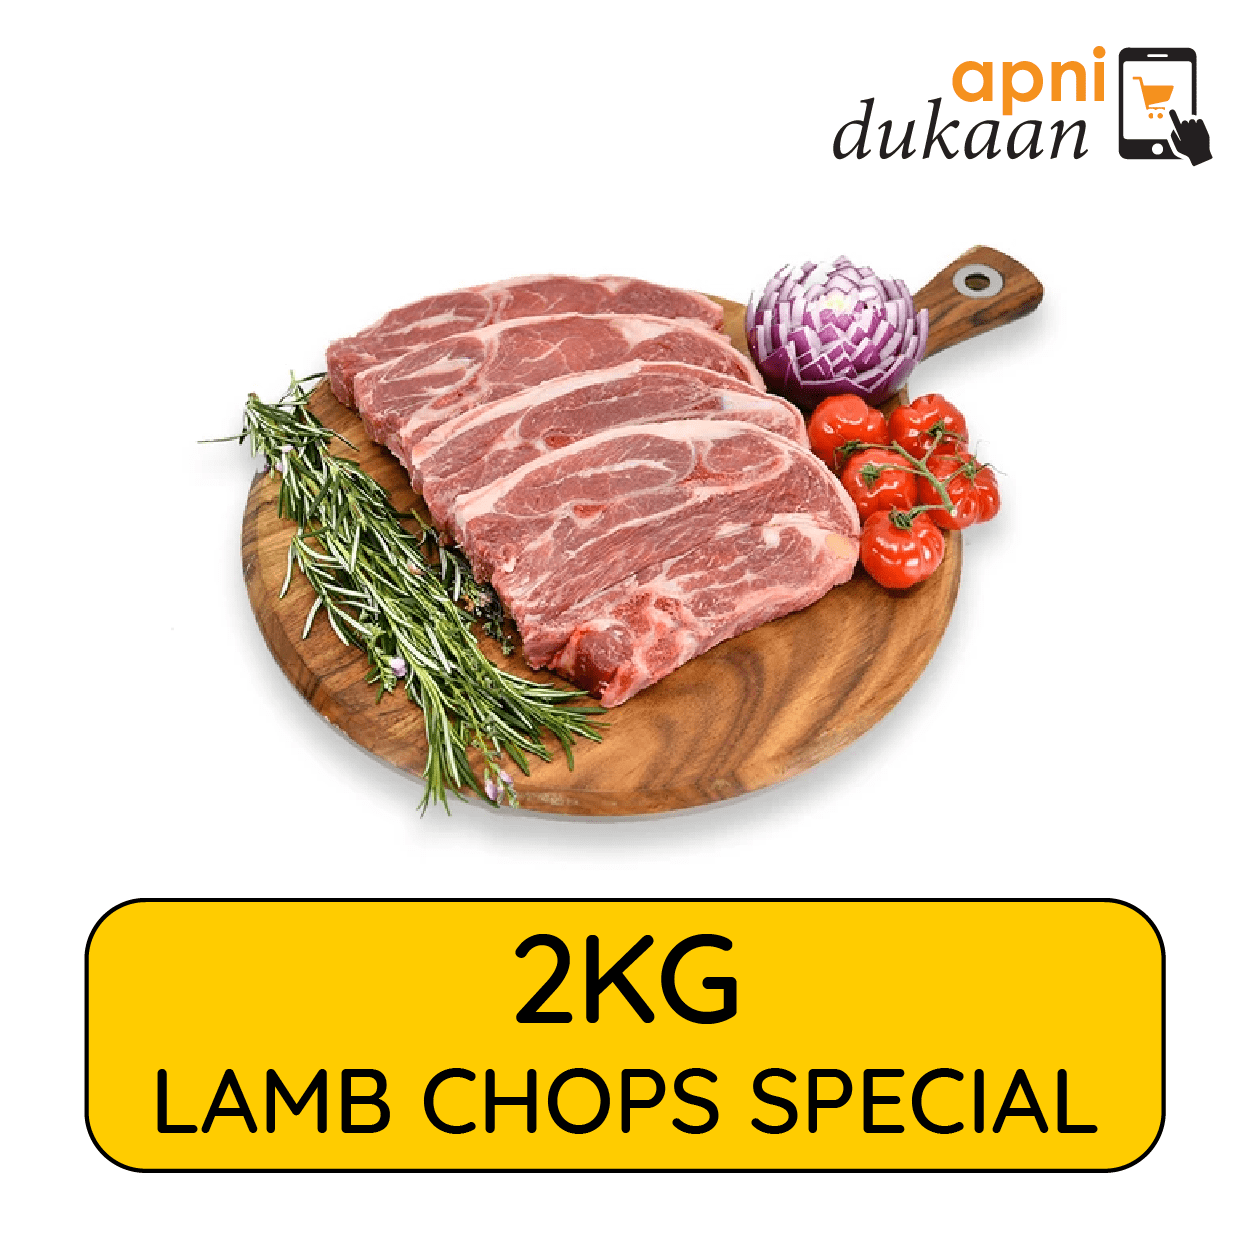 Lamb Chops 2kg – Special